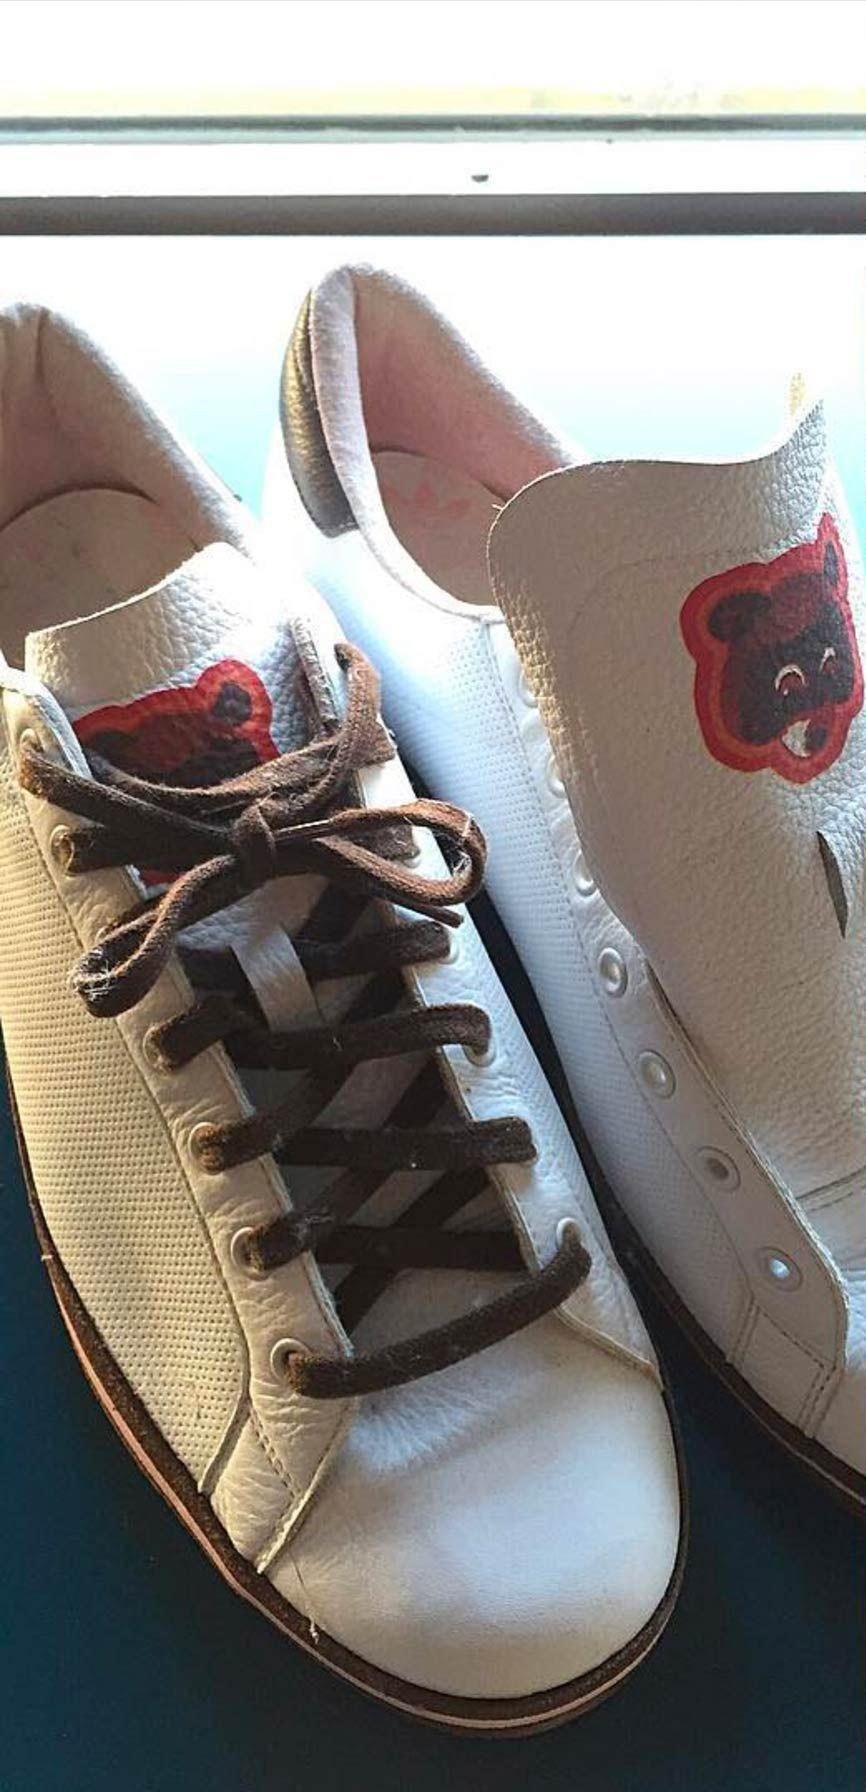 Kanye Rod Laver Adidas Colab